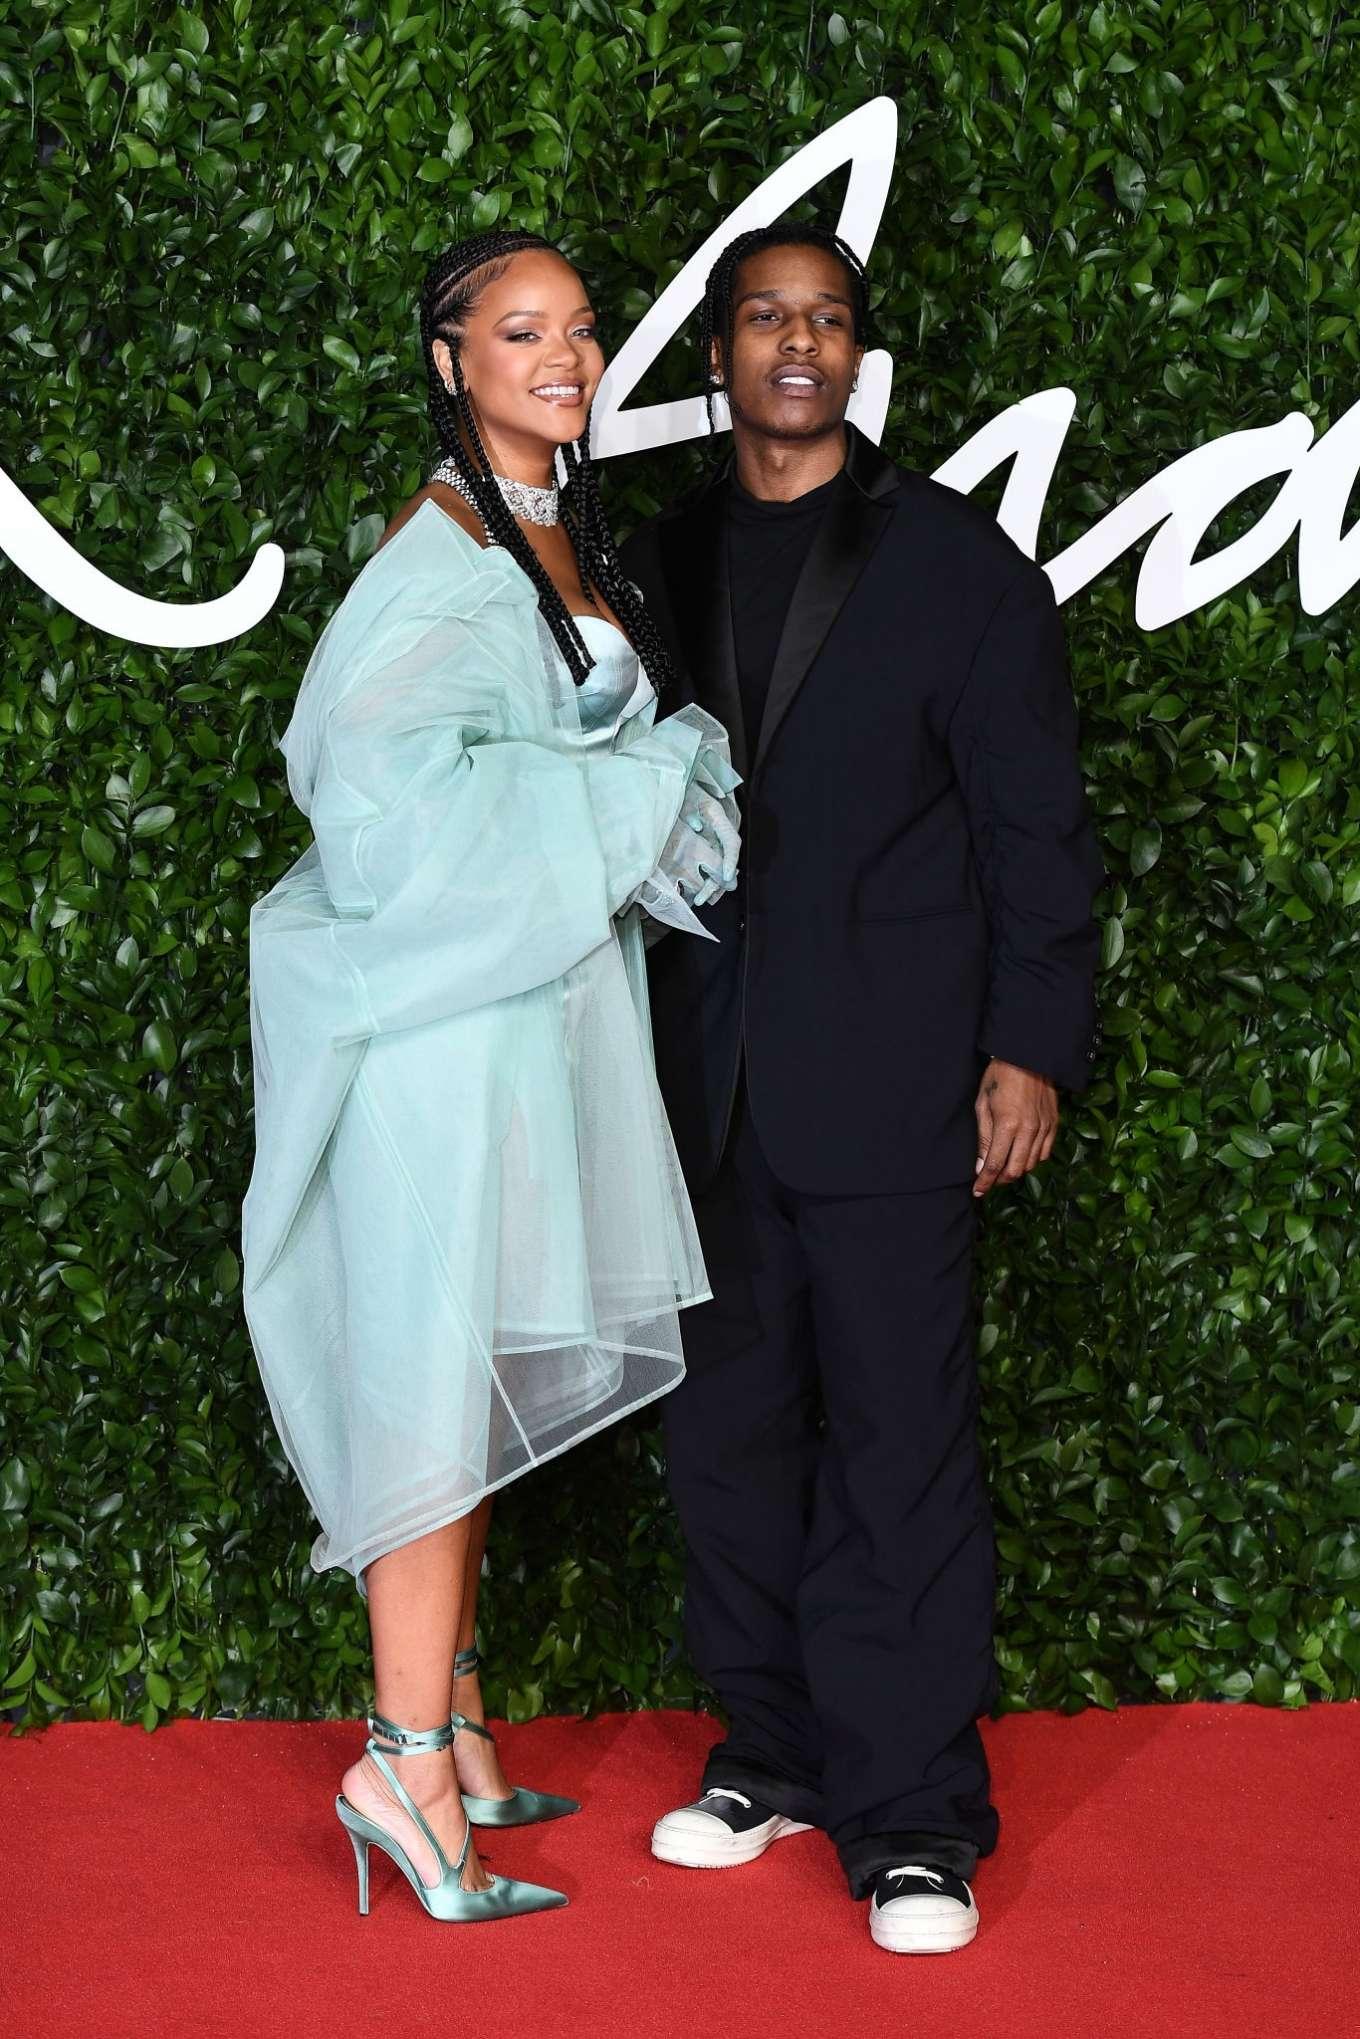 Rihanna 2019 : Rihanna – Fashion Awards 2019 in London-11